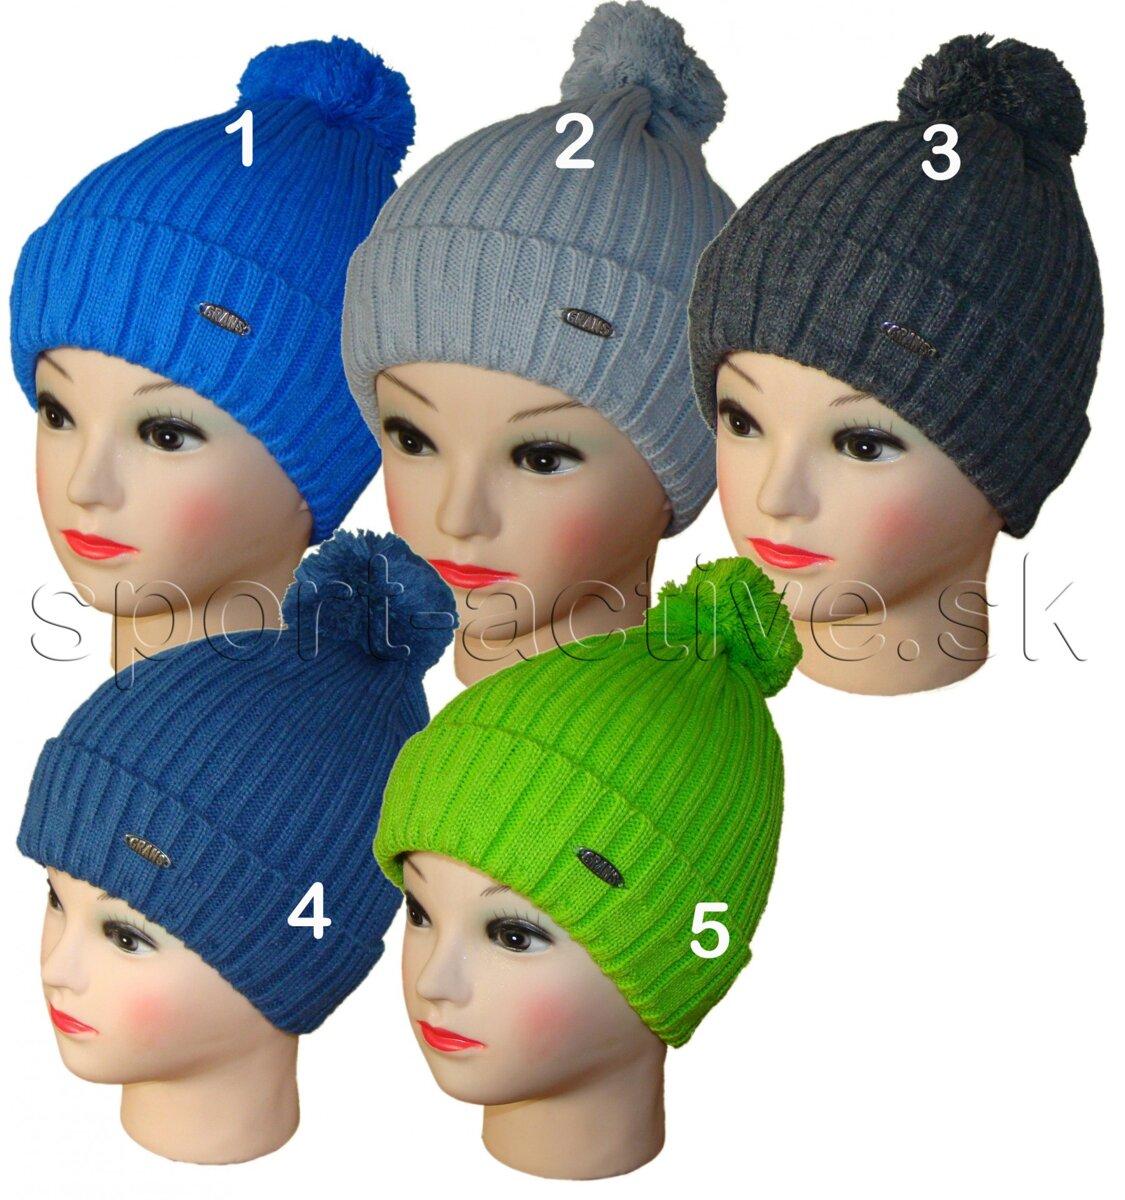 c918956f9 Chlapčenská zimná čiapka s podšívkou a brmbolcom Grans, pletená, na ...